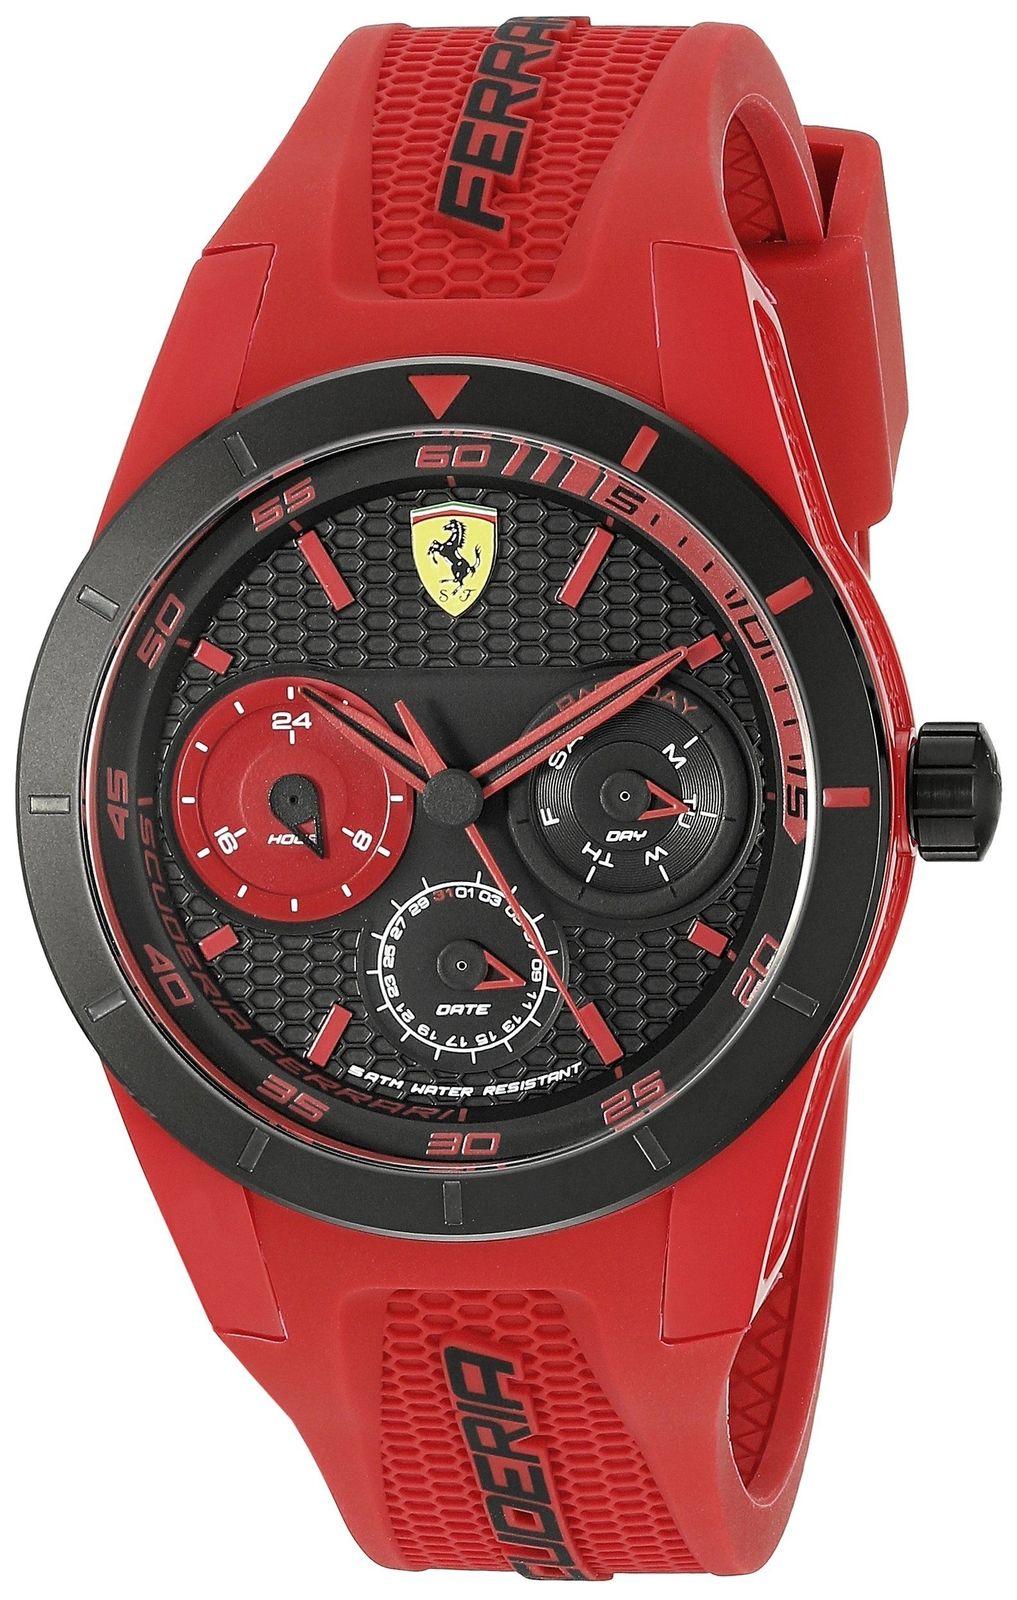 นาฬิกาผู้ชาย Ferrari รุ่น 0830258, RedRev T